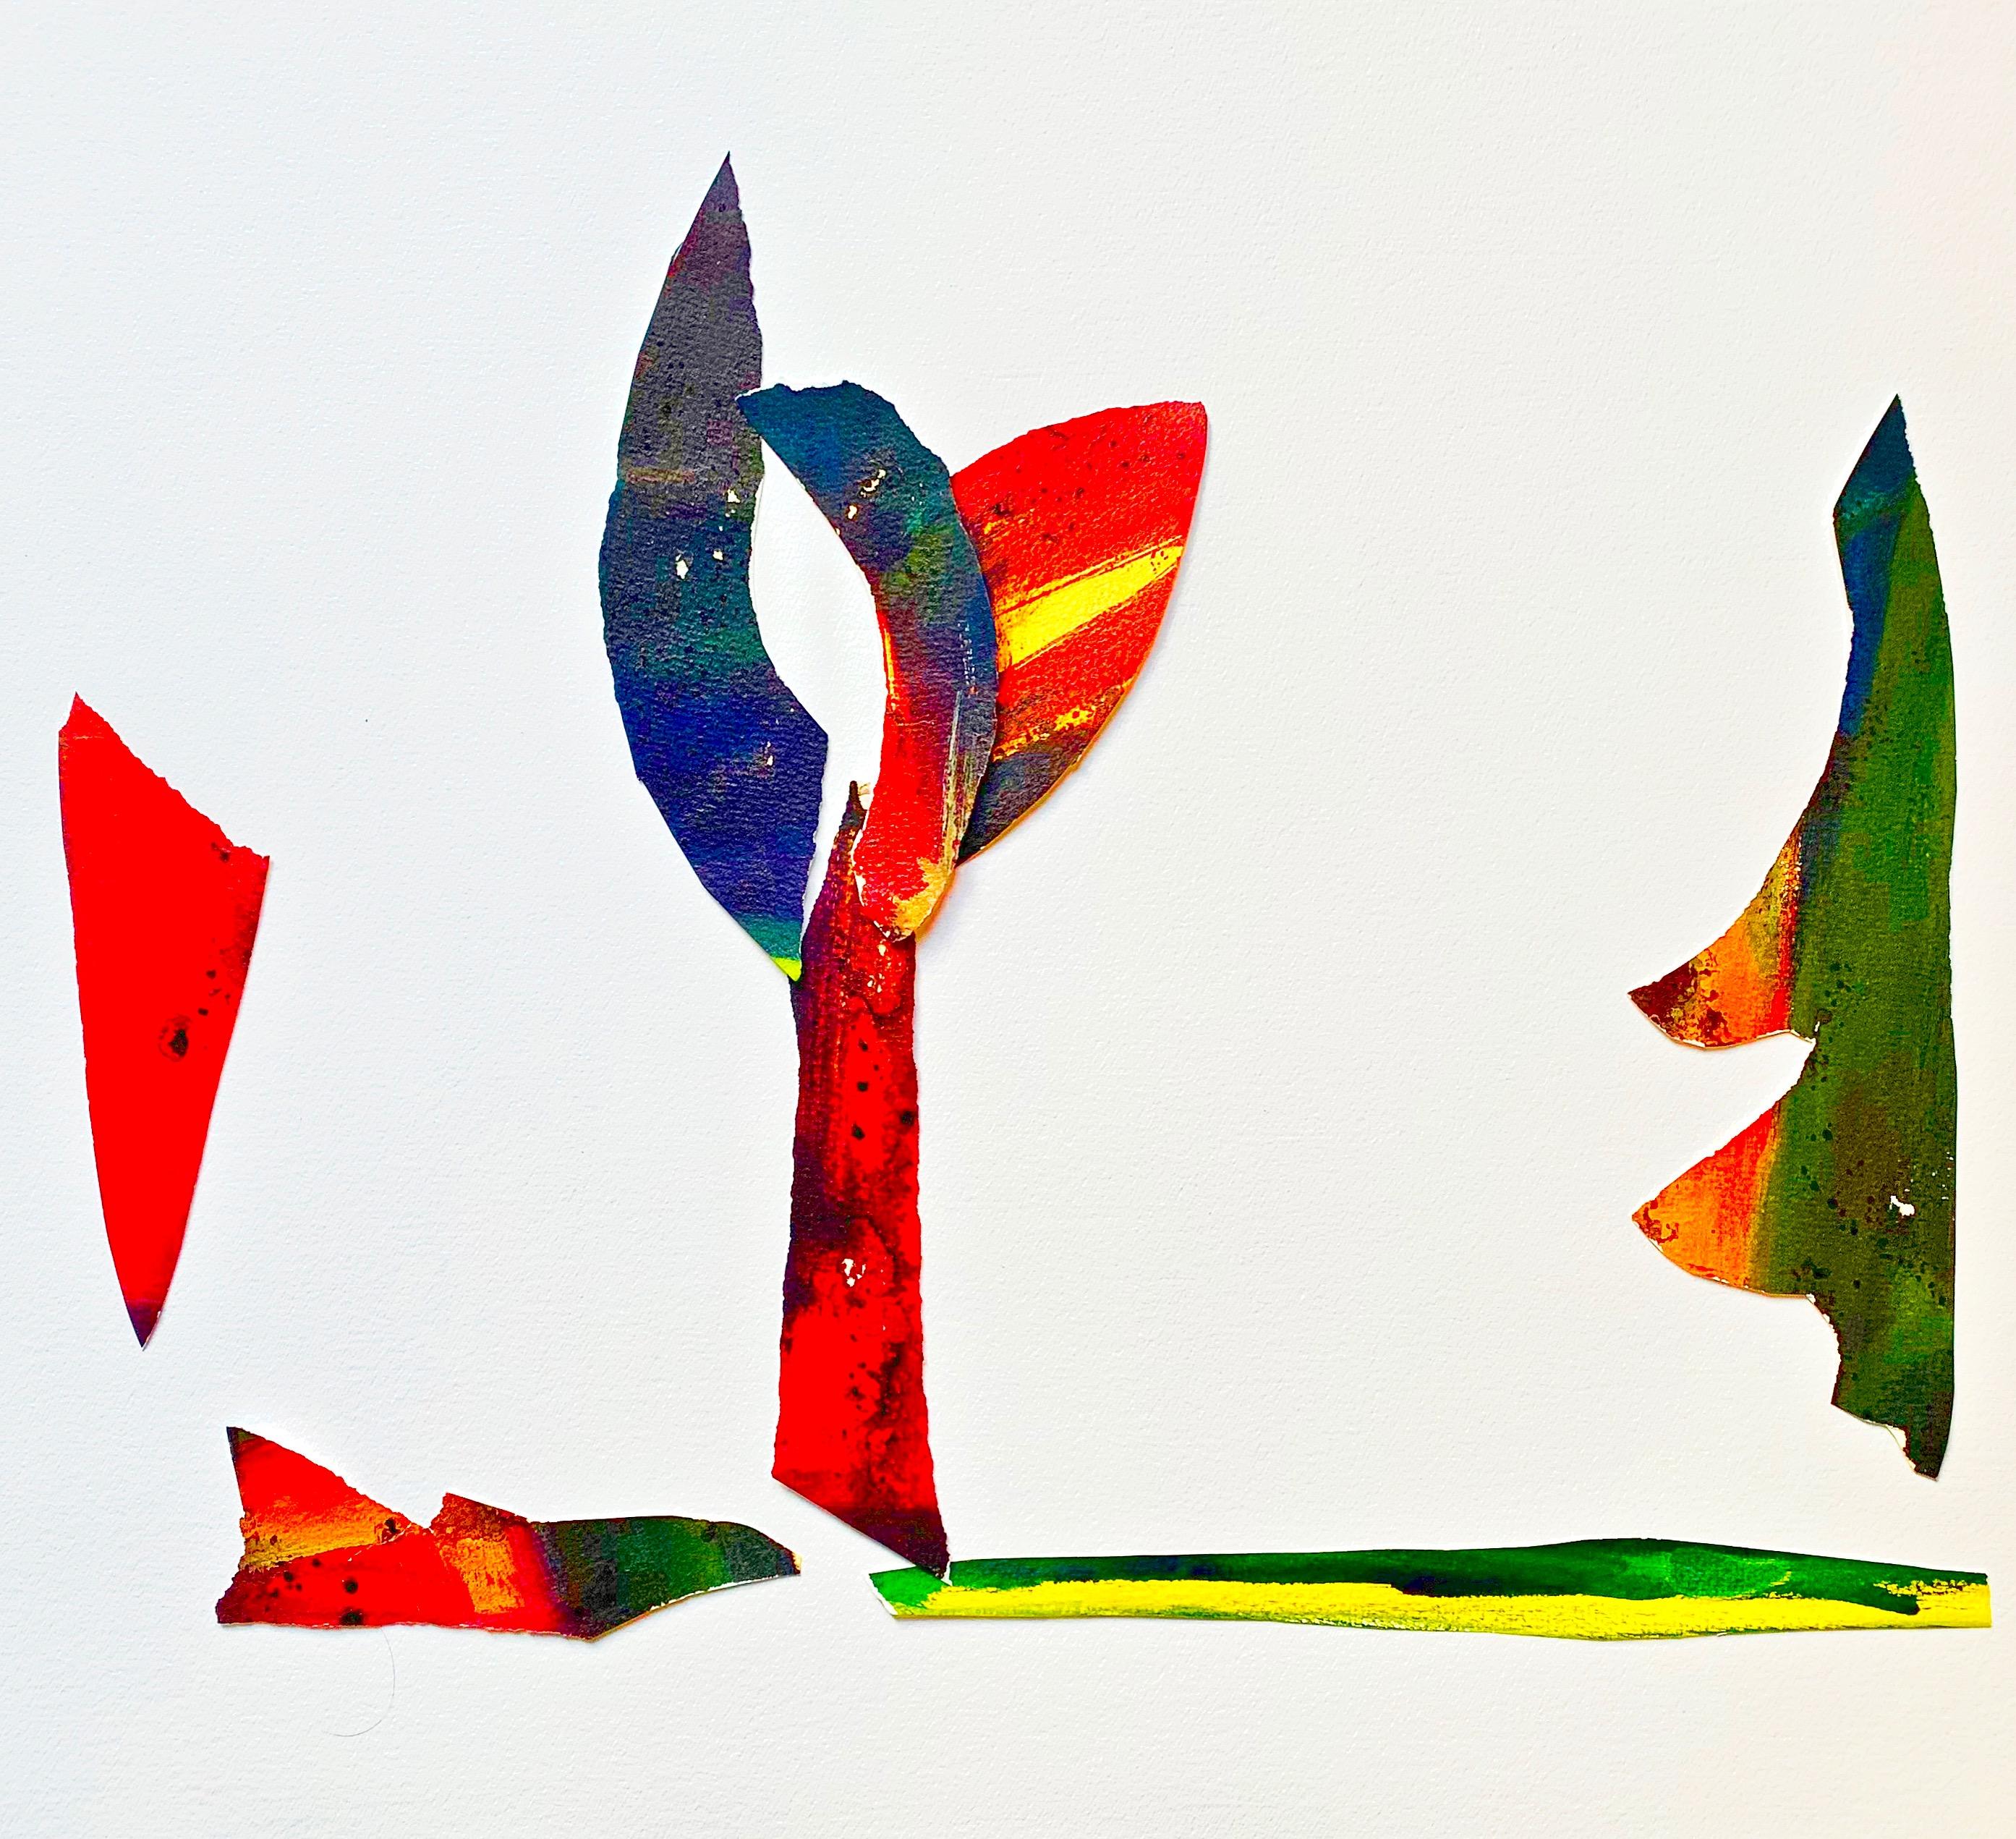 transformatie-herfst-bos-crealism-advandenboom-kunst